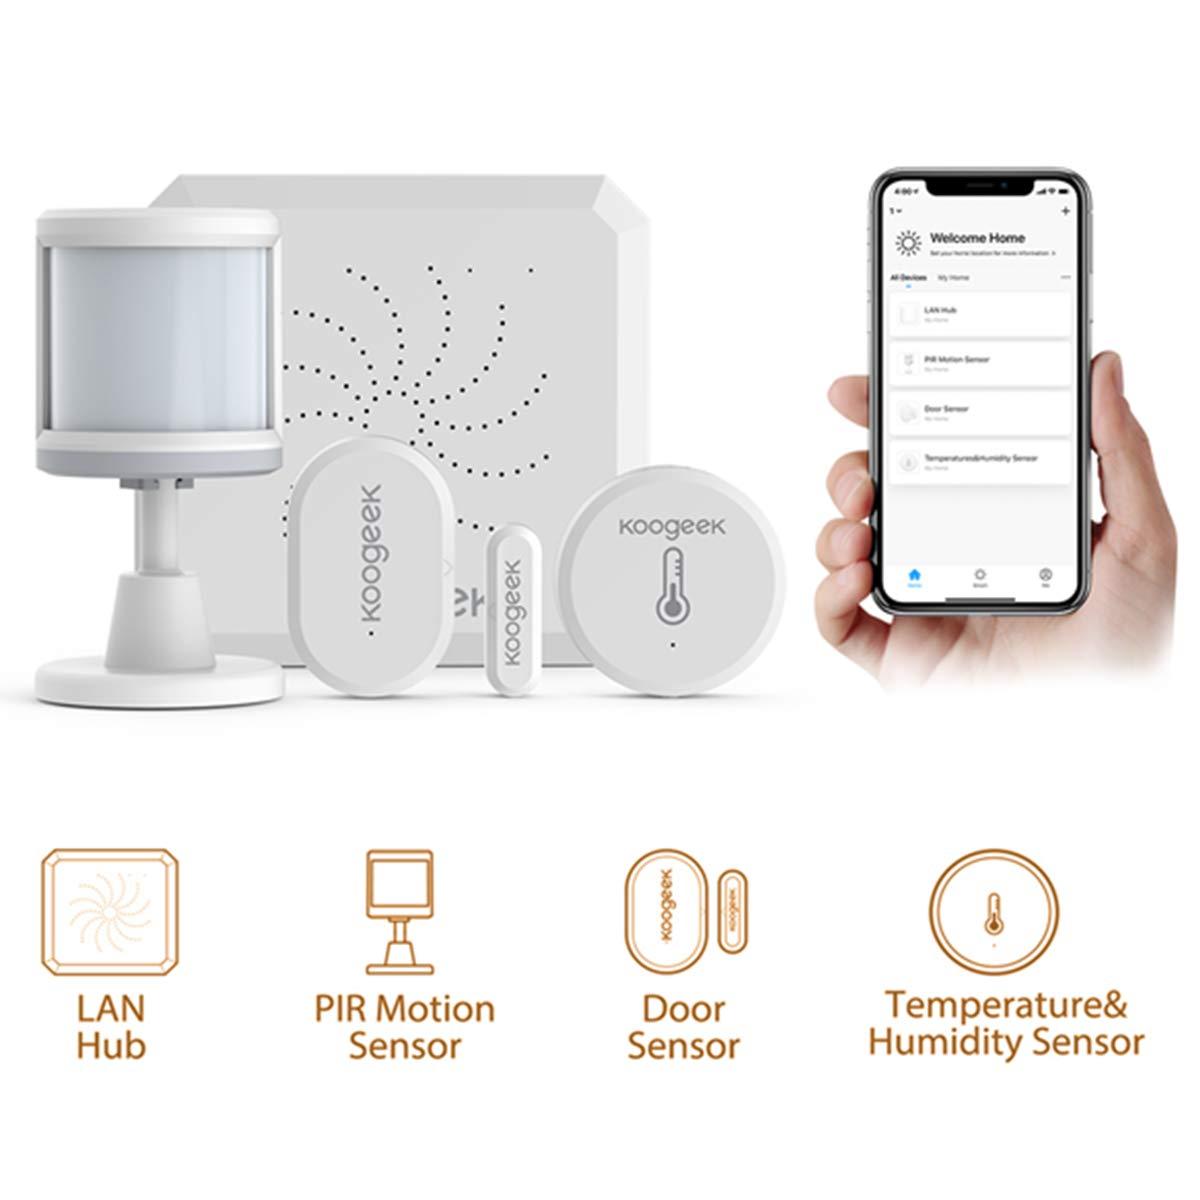 Koogeek Sistema de Seguridad Hogar, Sensor de Puerta Wifi, Kit de Alarma Zigbee, Alexa/Google Assistant,4 piezas Incluye Hub/Sensor de Puerta/PIR Movimiento/Temperatura y Humedad, IOS y Andriod